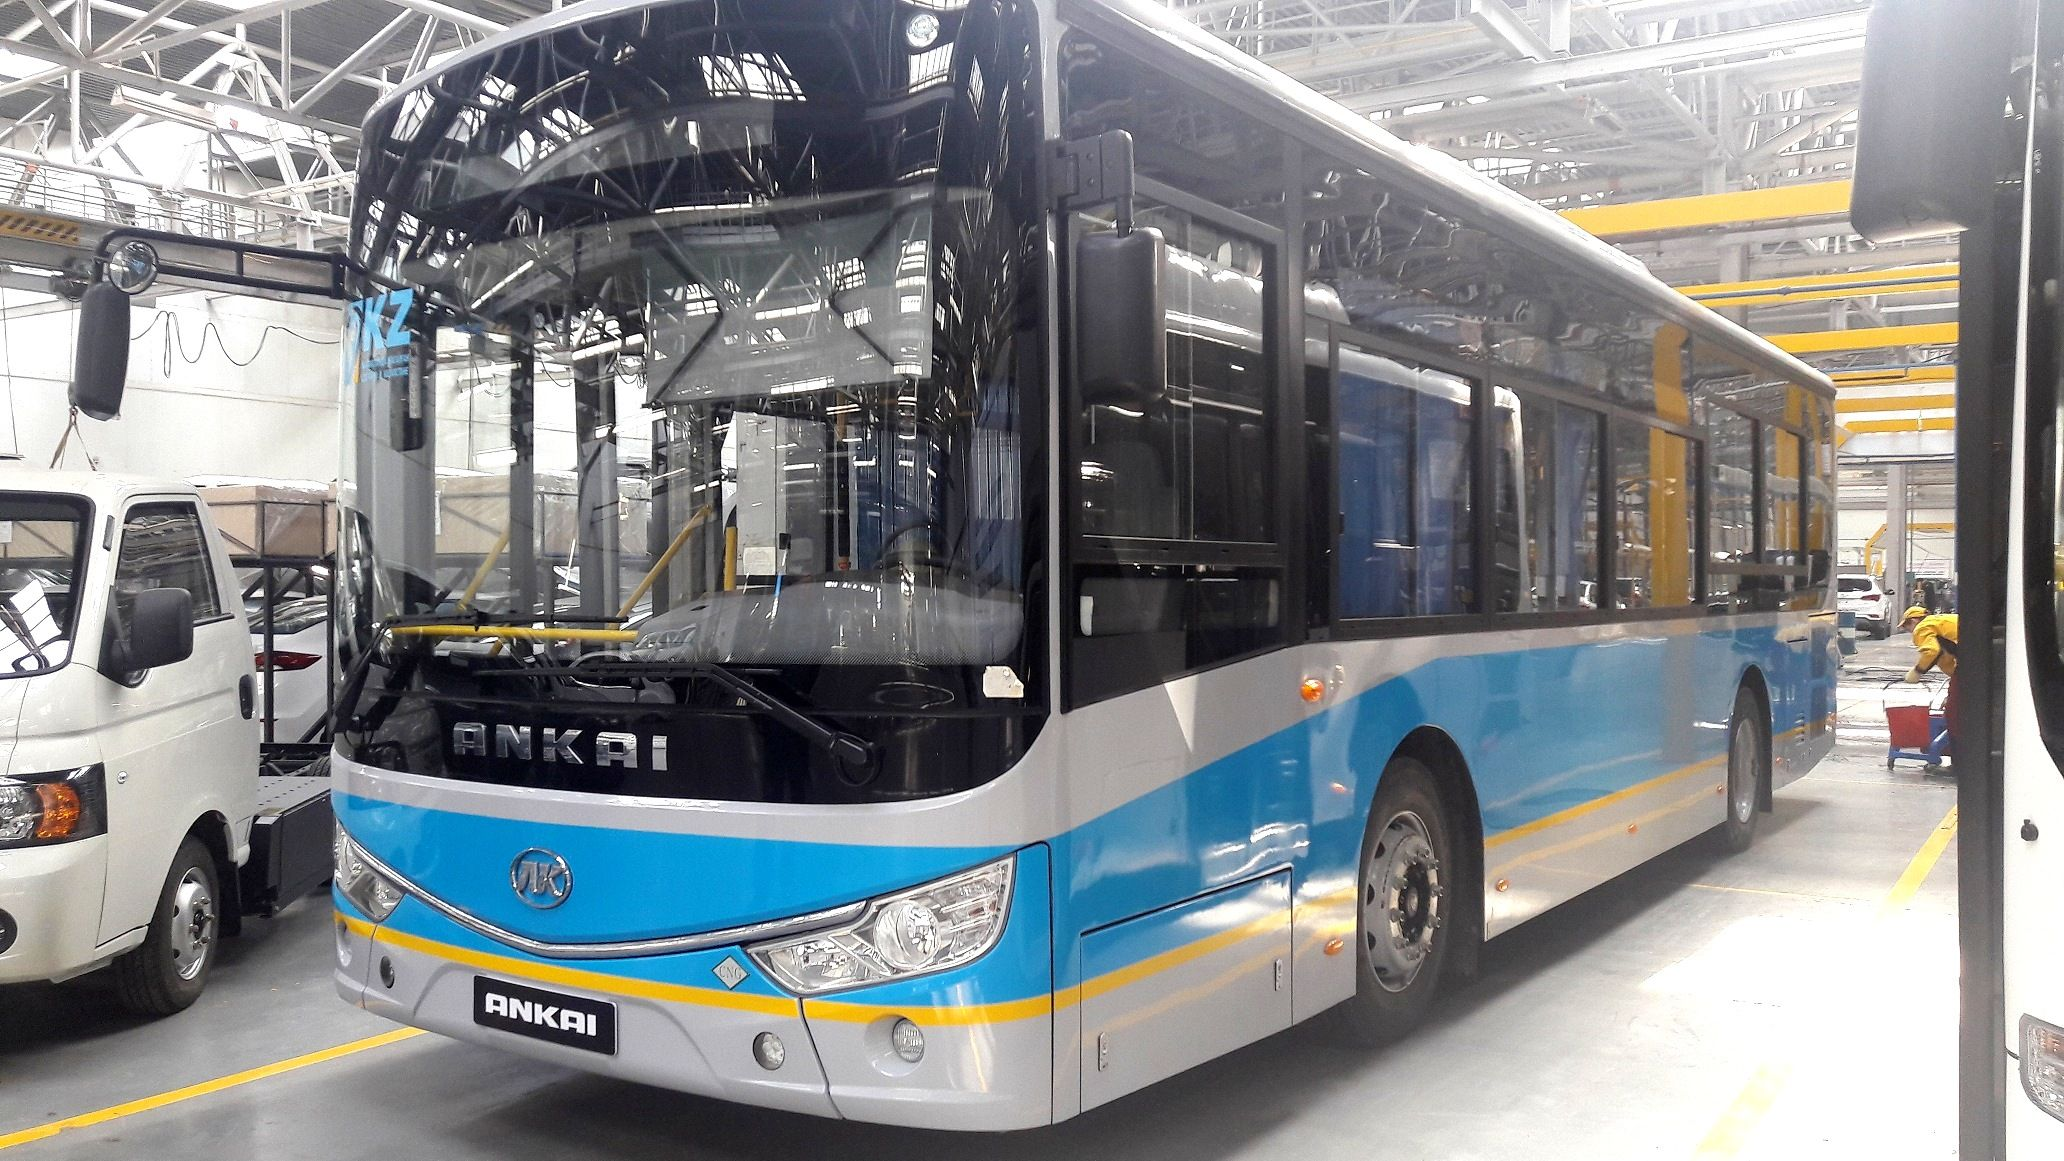 Фадеев программе производители автобусов в россии того, чтобы узнать